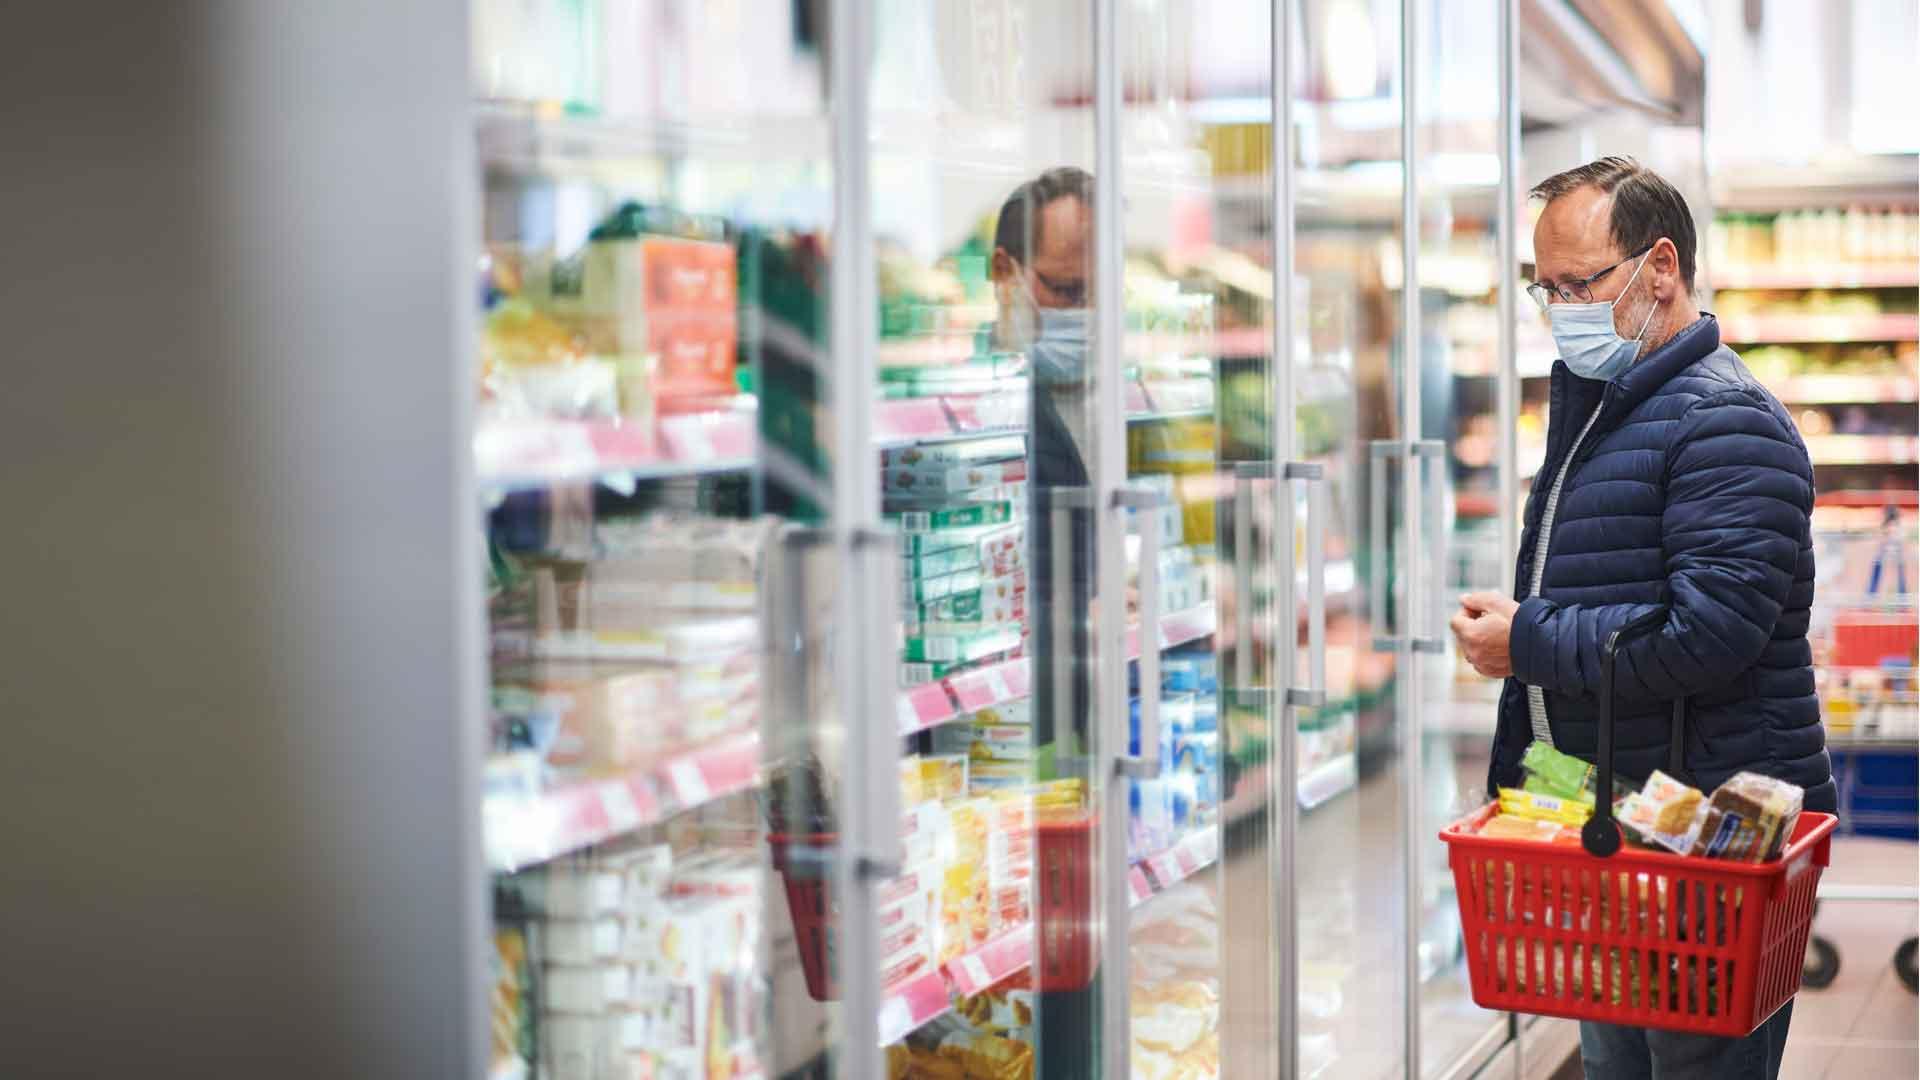 ¿Cómo evitar contagios cuando vas al supermercado?